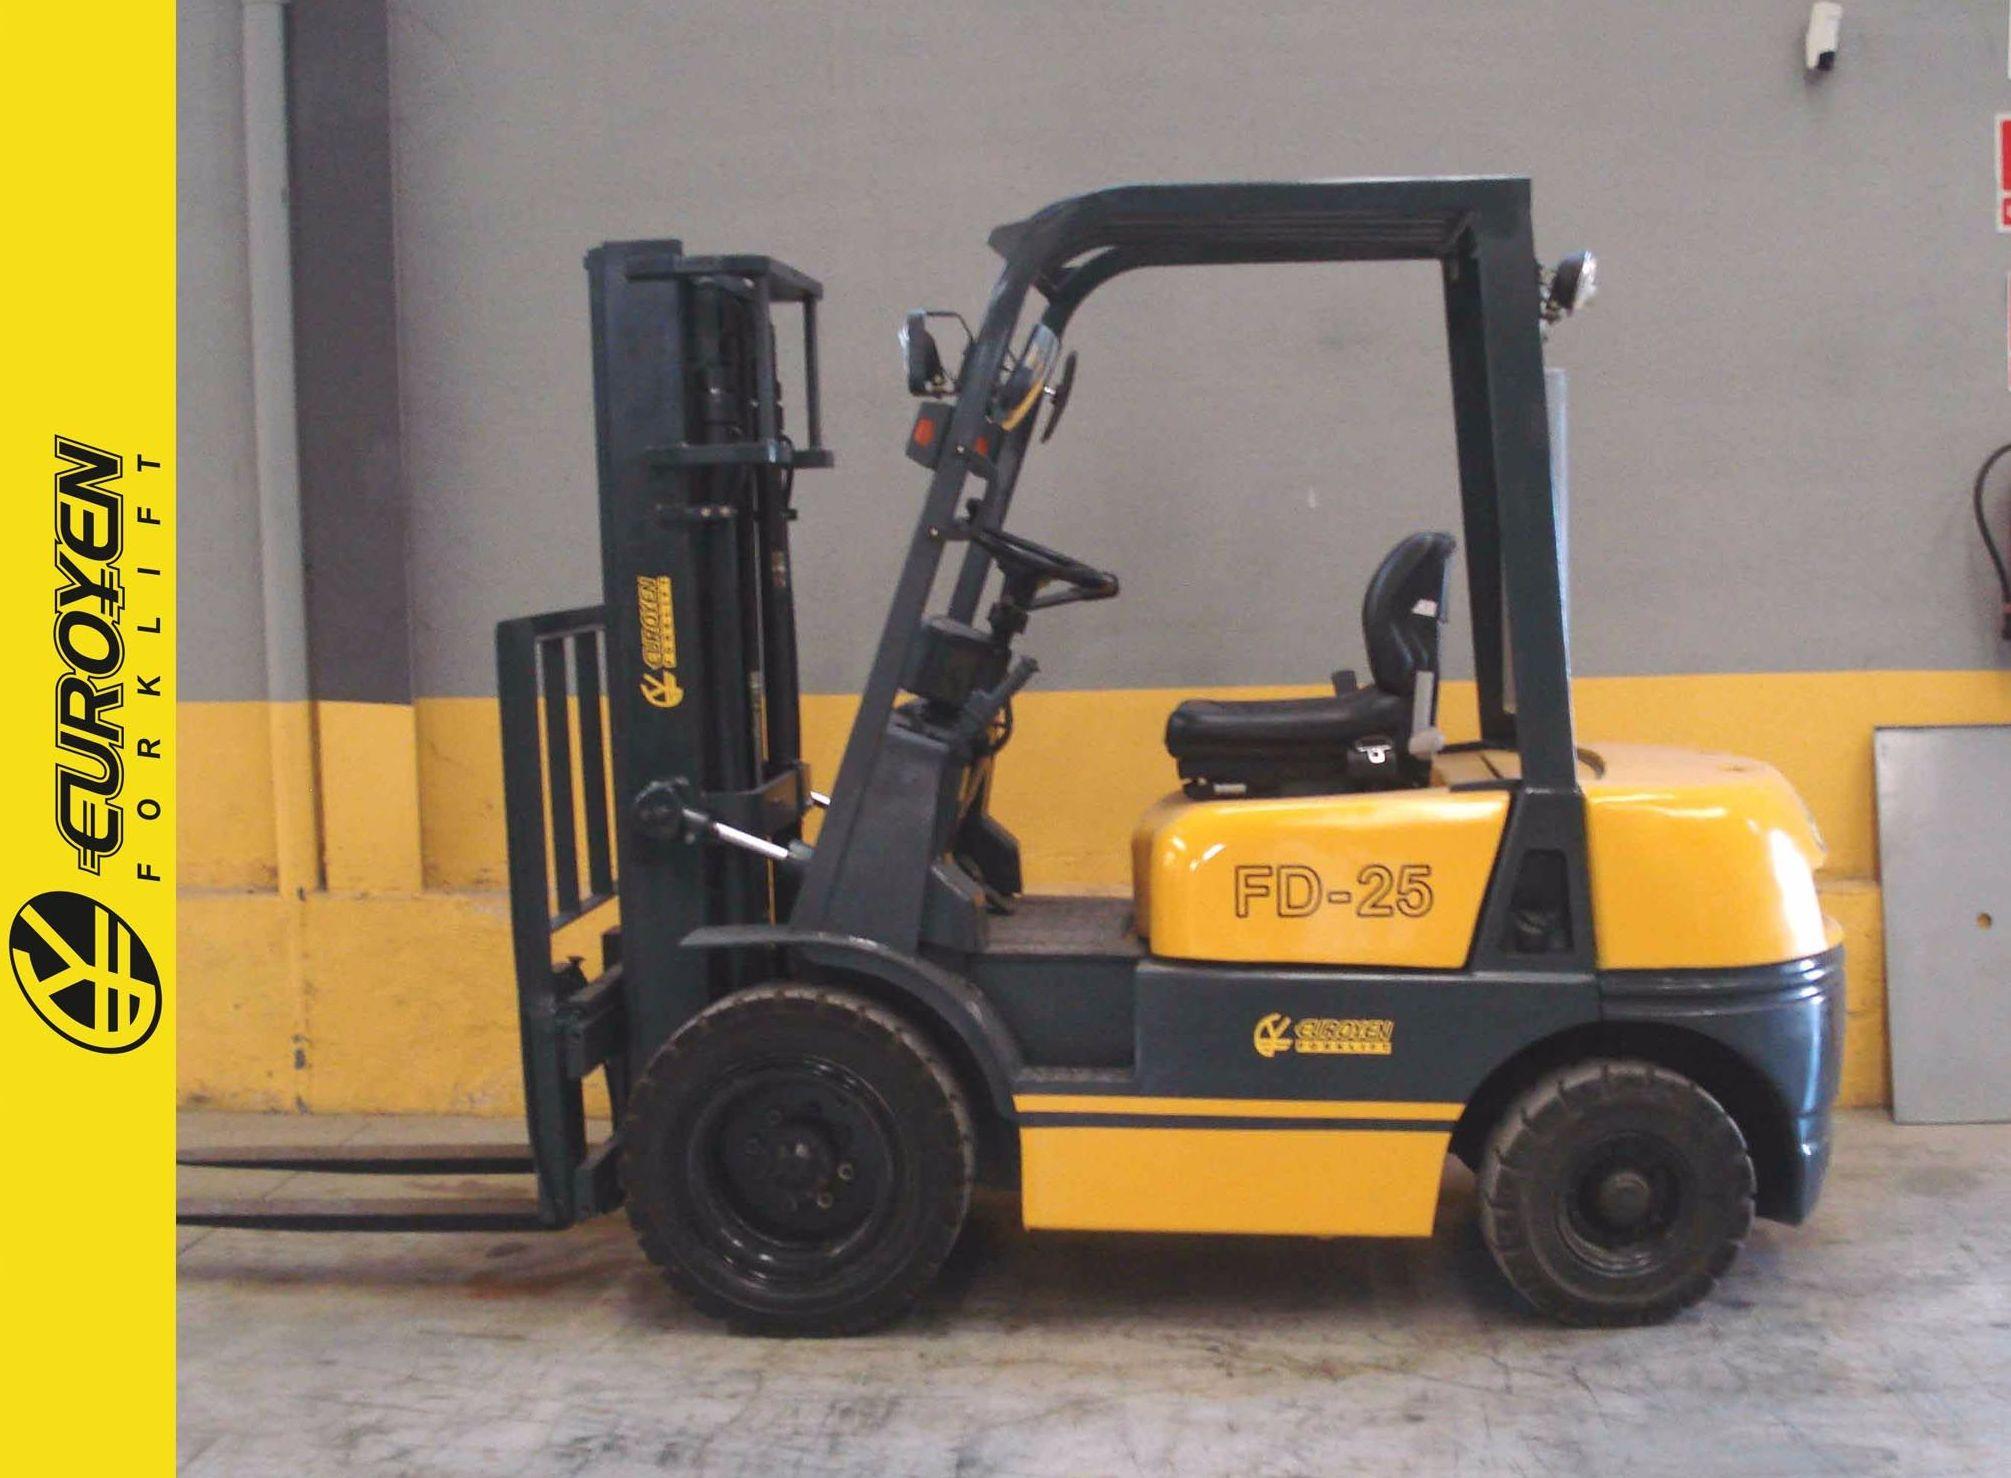 Carretilla diesel EUROYEN Nº 6145: Productos y servicios de Comercial Euroyen, S. L.